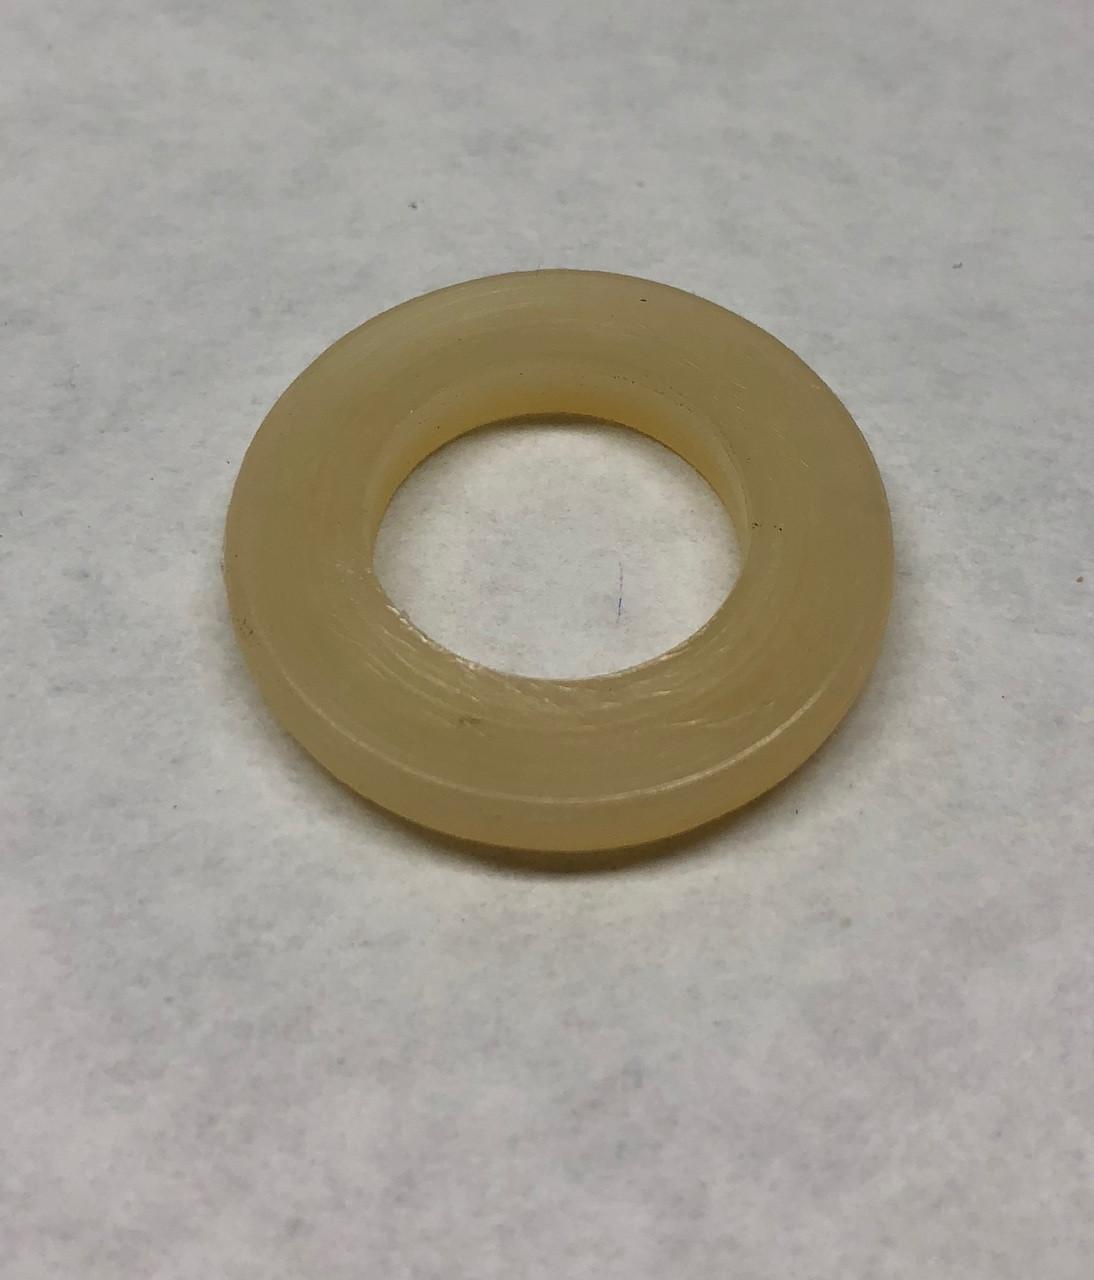 TorRey M 12FS Plastic Nylon Washer - 05-00344